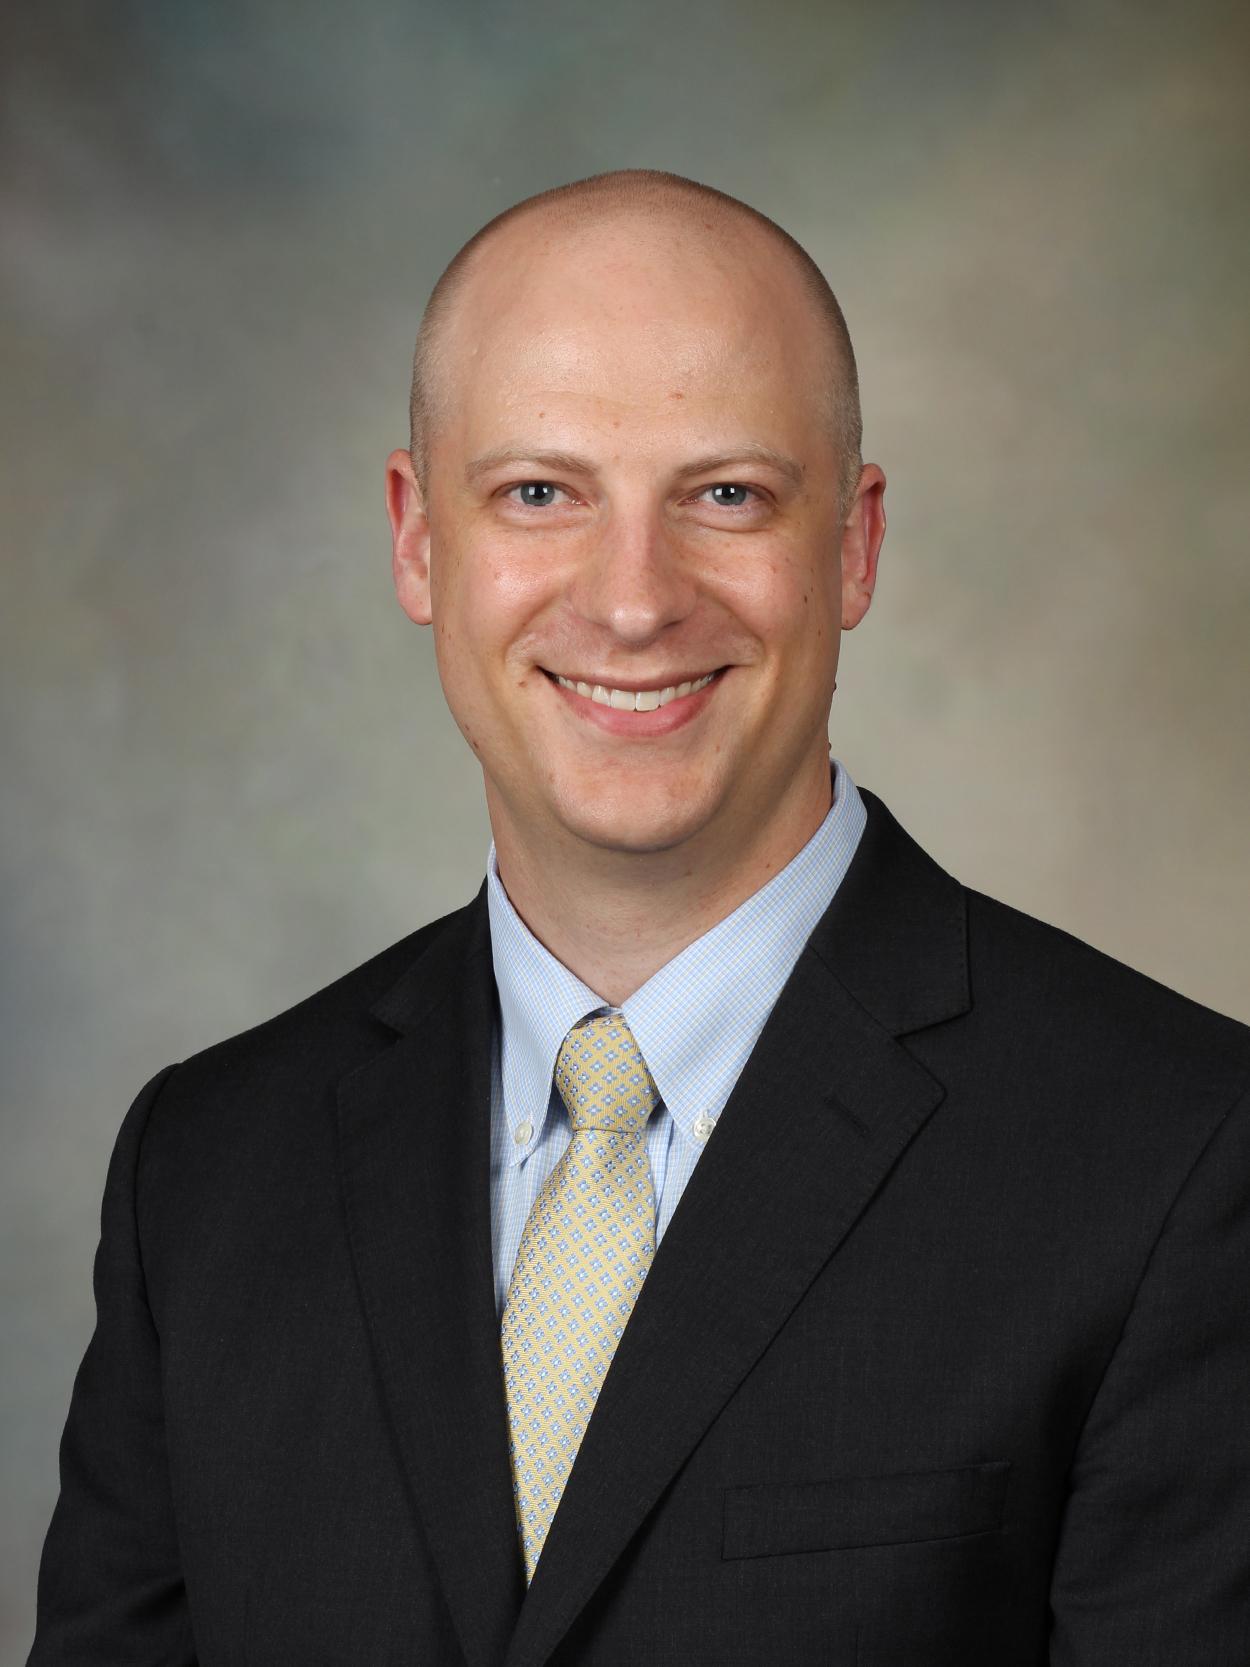 Daniel M. Anderson, D.O.